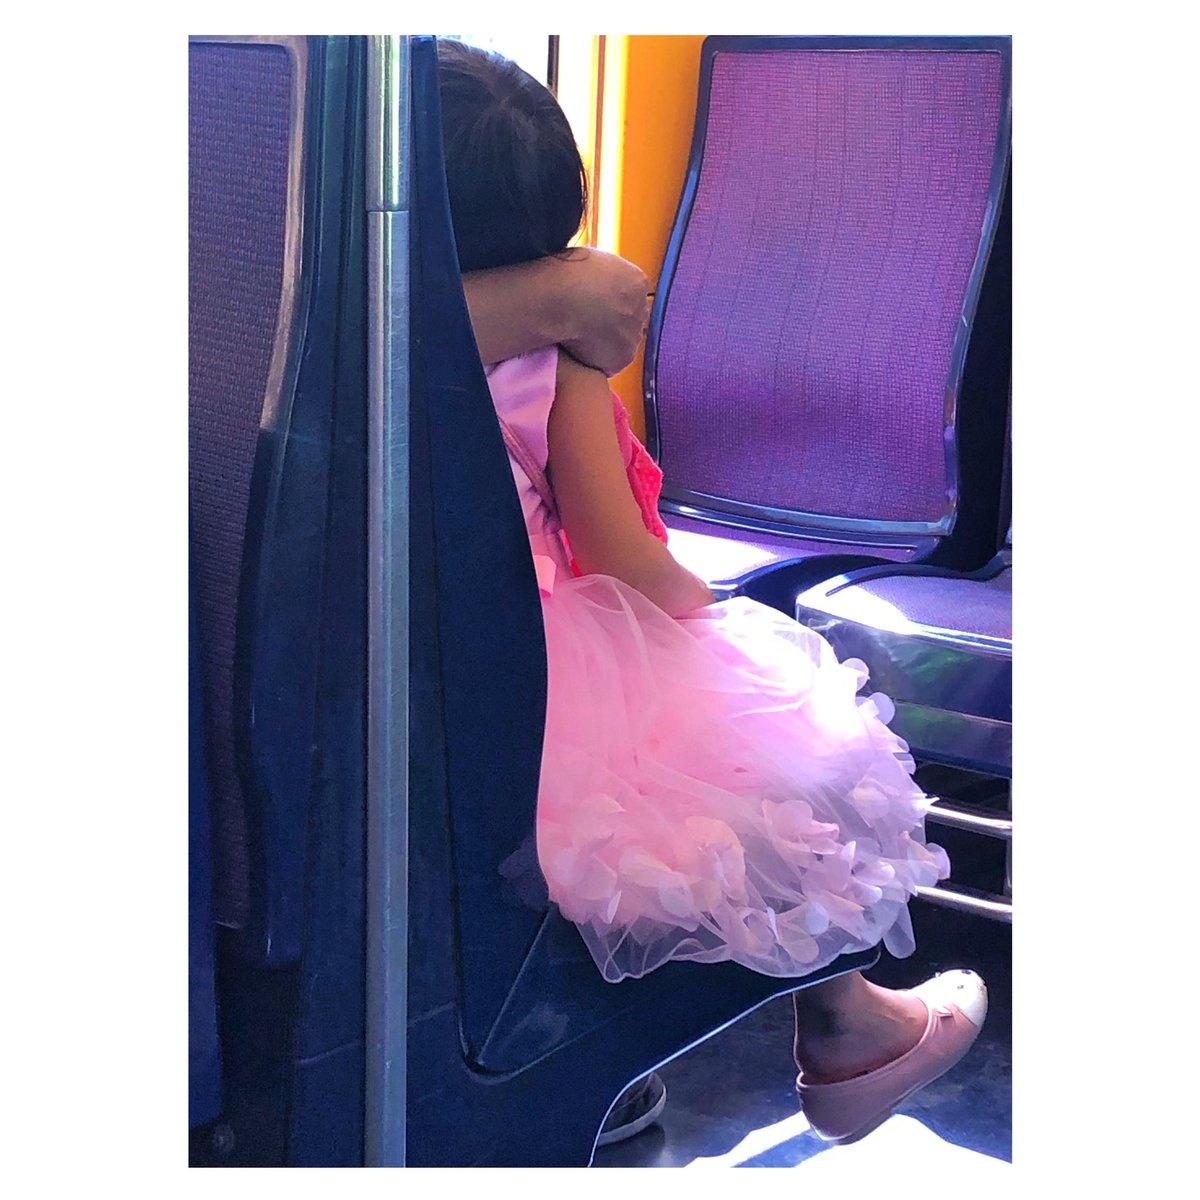 #PinkMood #Thinkpositive voir la vie en rose&œuvrer à ce qu'elle le soit! RER Paris toStRemyLaChevreuse, 1peu de douceur avec cette petite so #Kawaii avec sa panoplie de princesse. 1h de trajet &on se retrouve en pleine #nature pour de magnifiques #rando #lifestyle #parisianlife